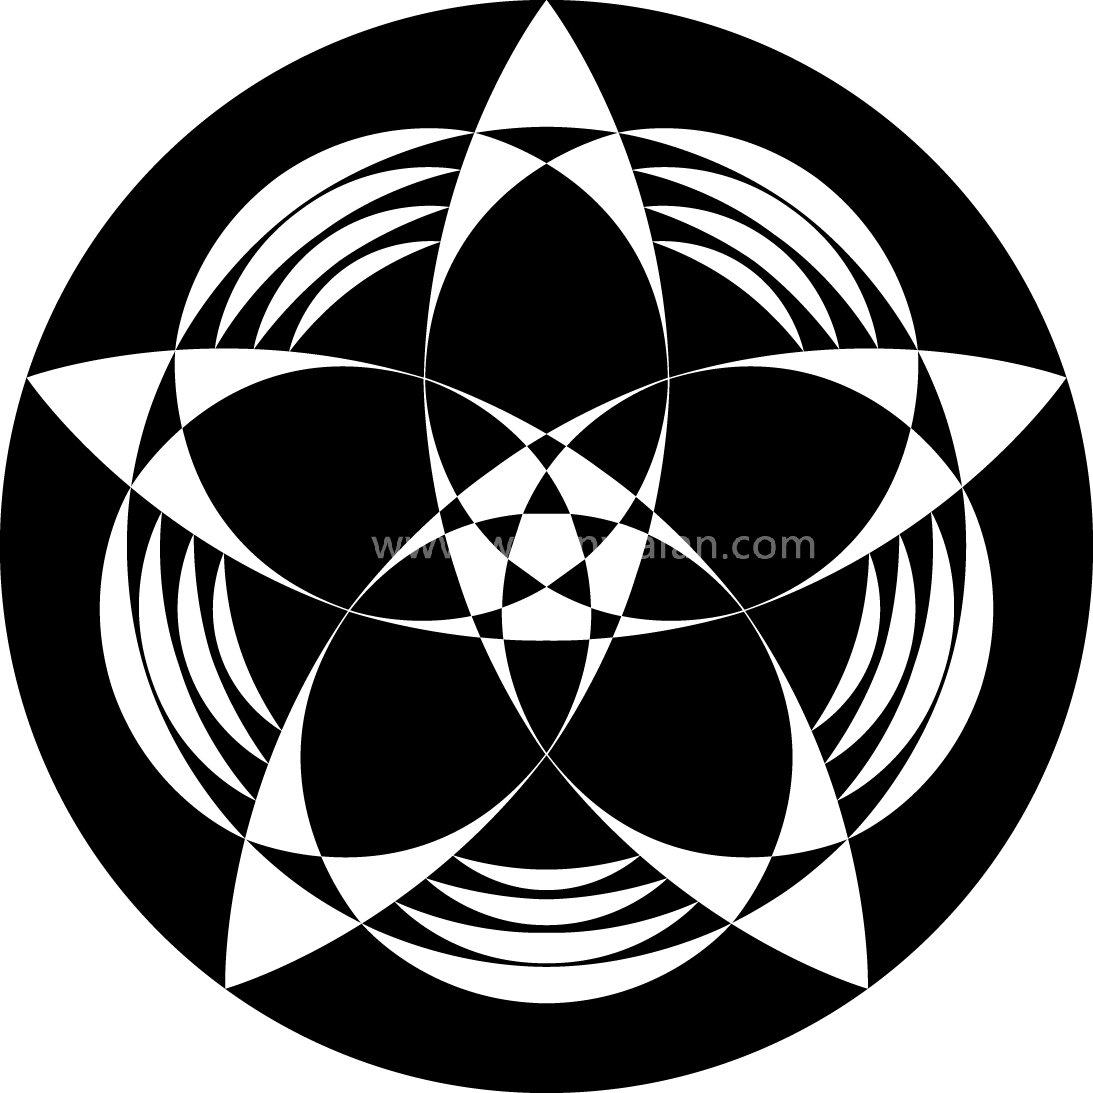 圆形创意设计图案矢量图展示